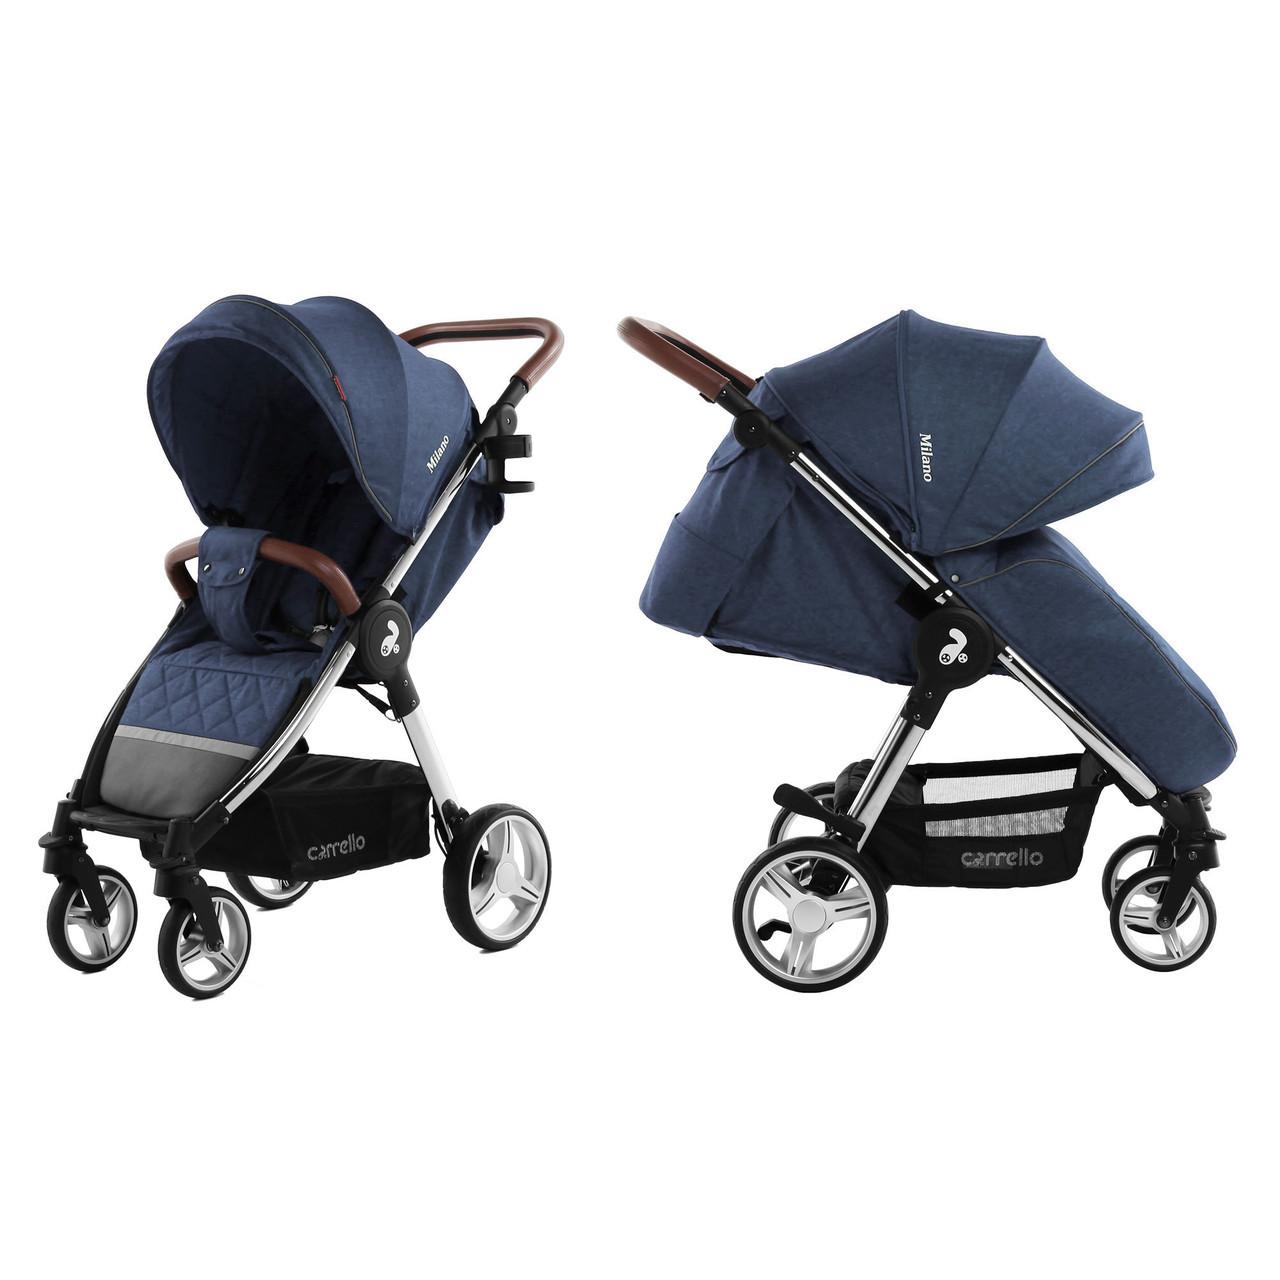 Коляска прогулочная CARRELLO Milano CRL-5501, Синий, +дождевик, фото 1